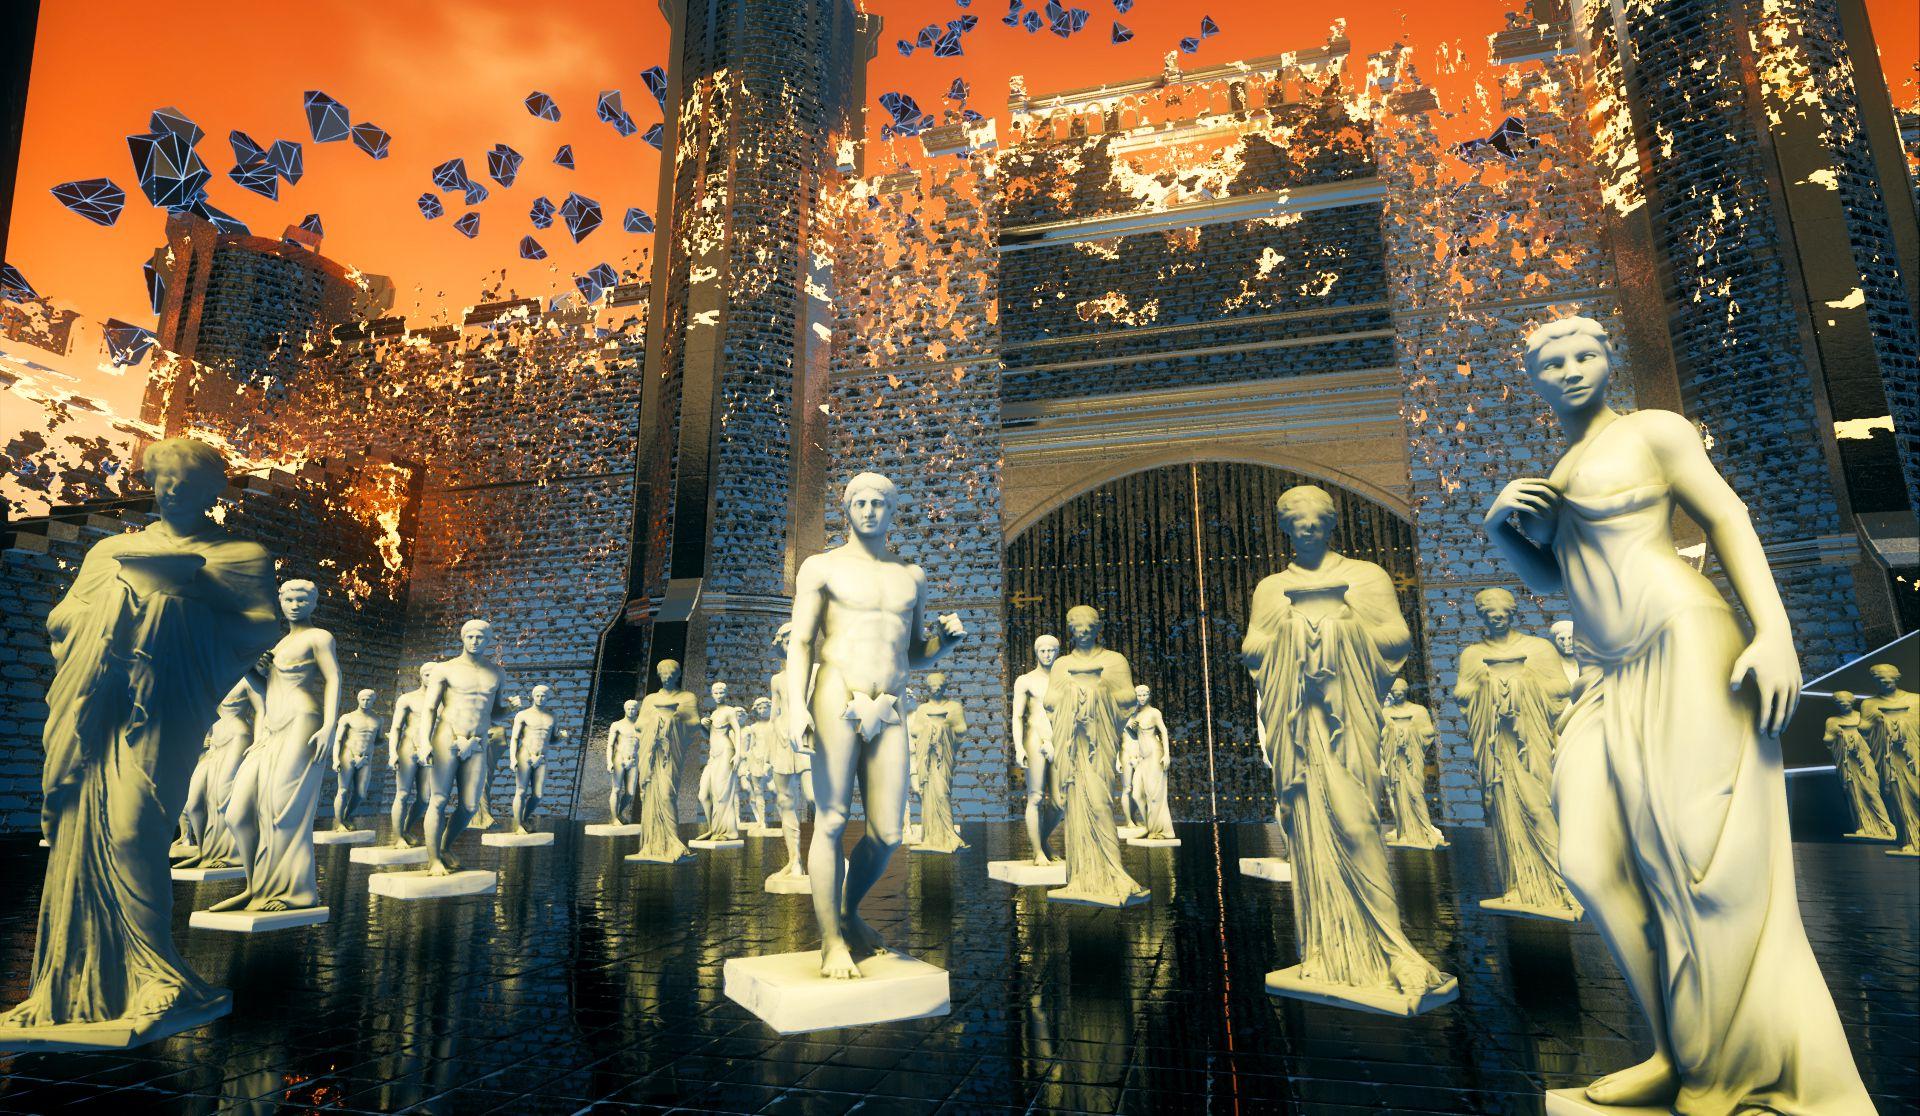 Иммерсивная выставка в виртуальном пространстве «Я» фото 3